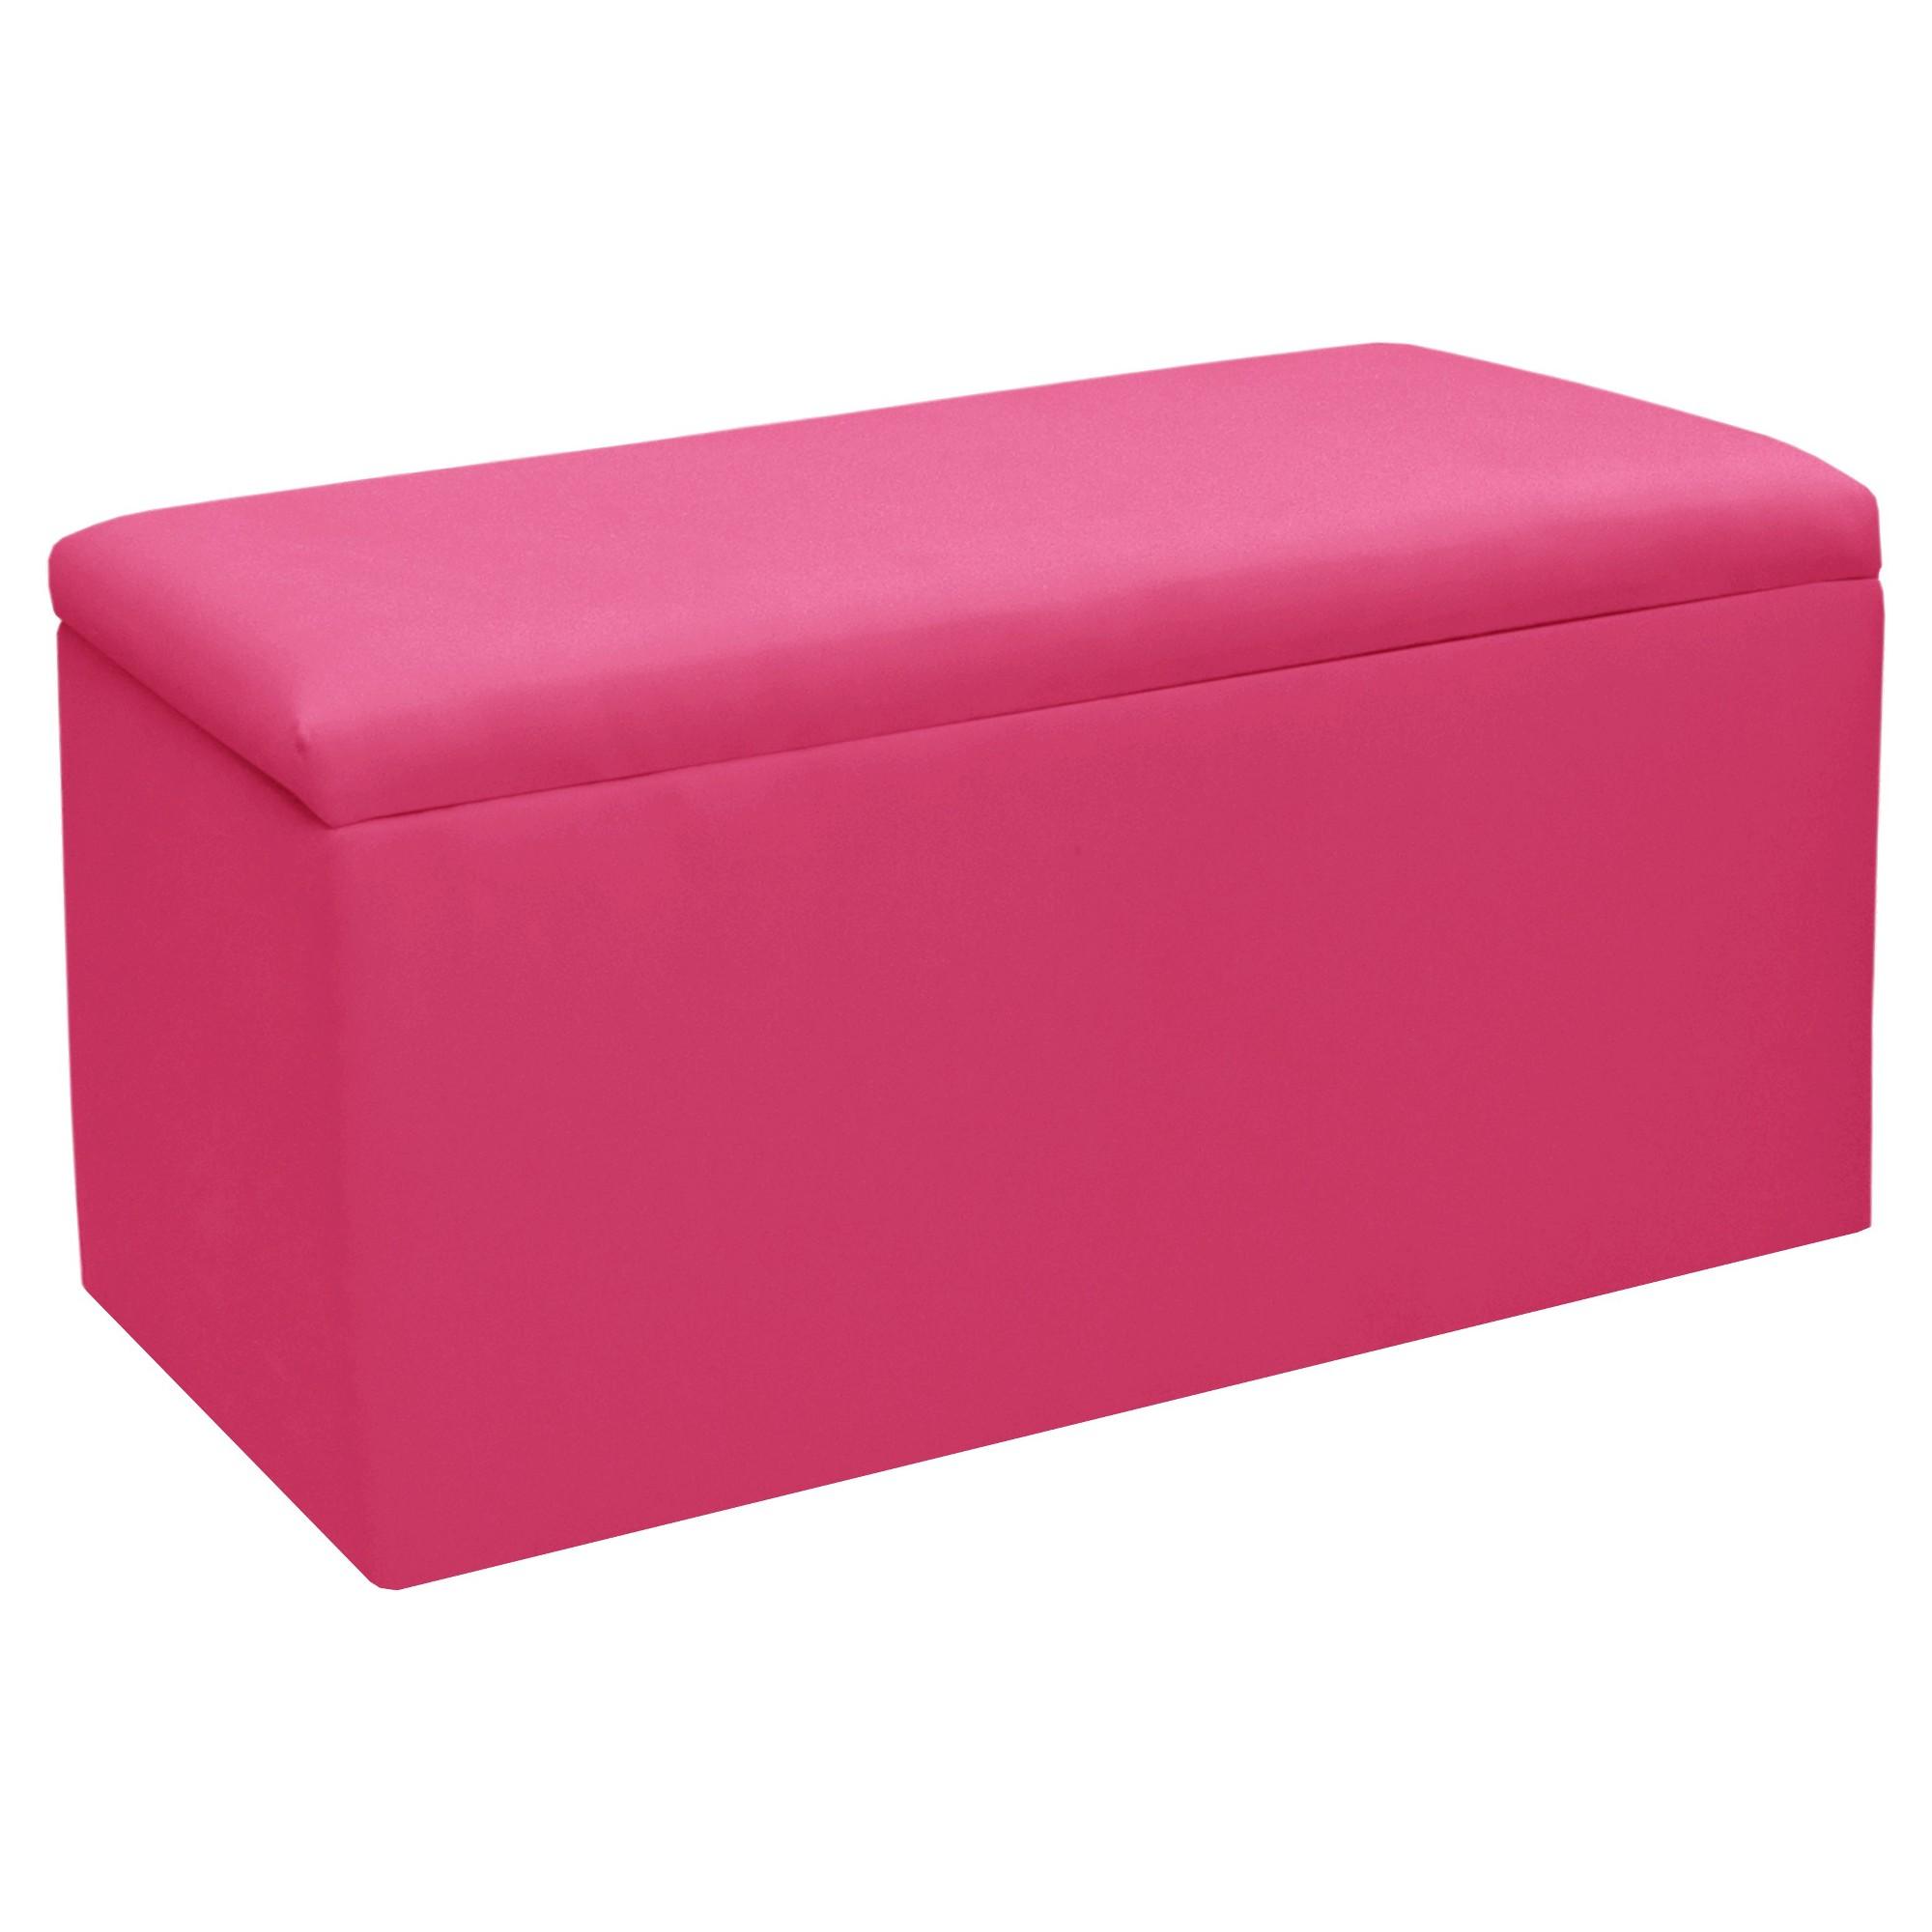 Magnificent Skyline Furniture Storage Bench Duck French Pink Skyline Spiritservingveterans Wood Chair Design Ideas Spiritservingveteransorg